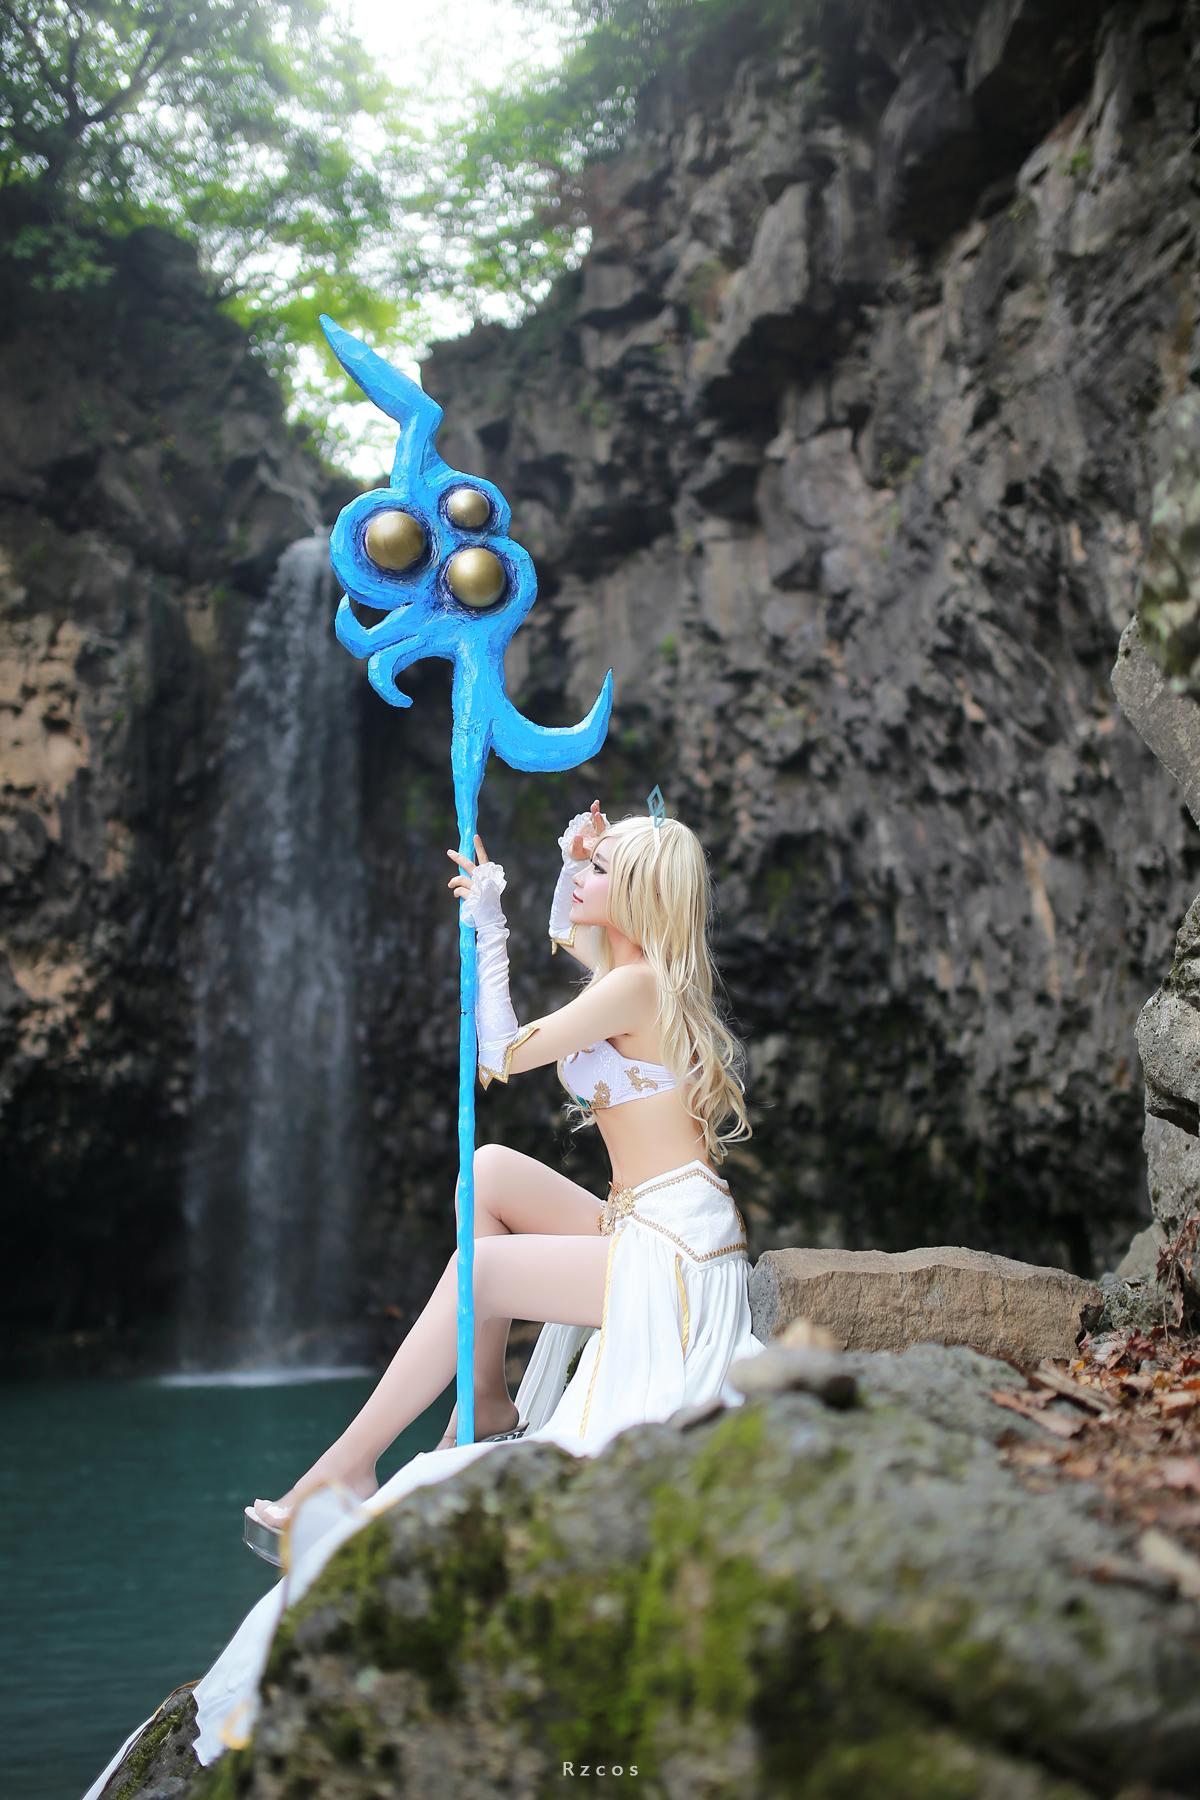 Ngắm cosplay Janna cực quyến rũ của RZ - Ảnh 11